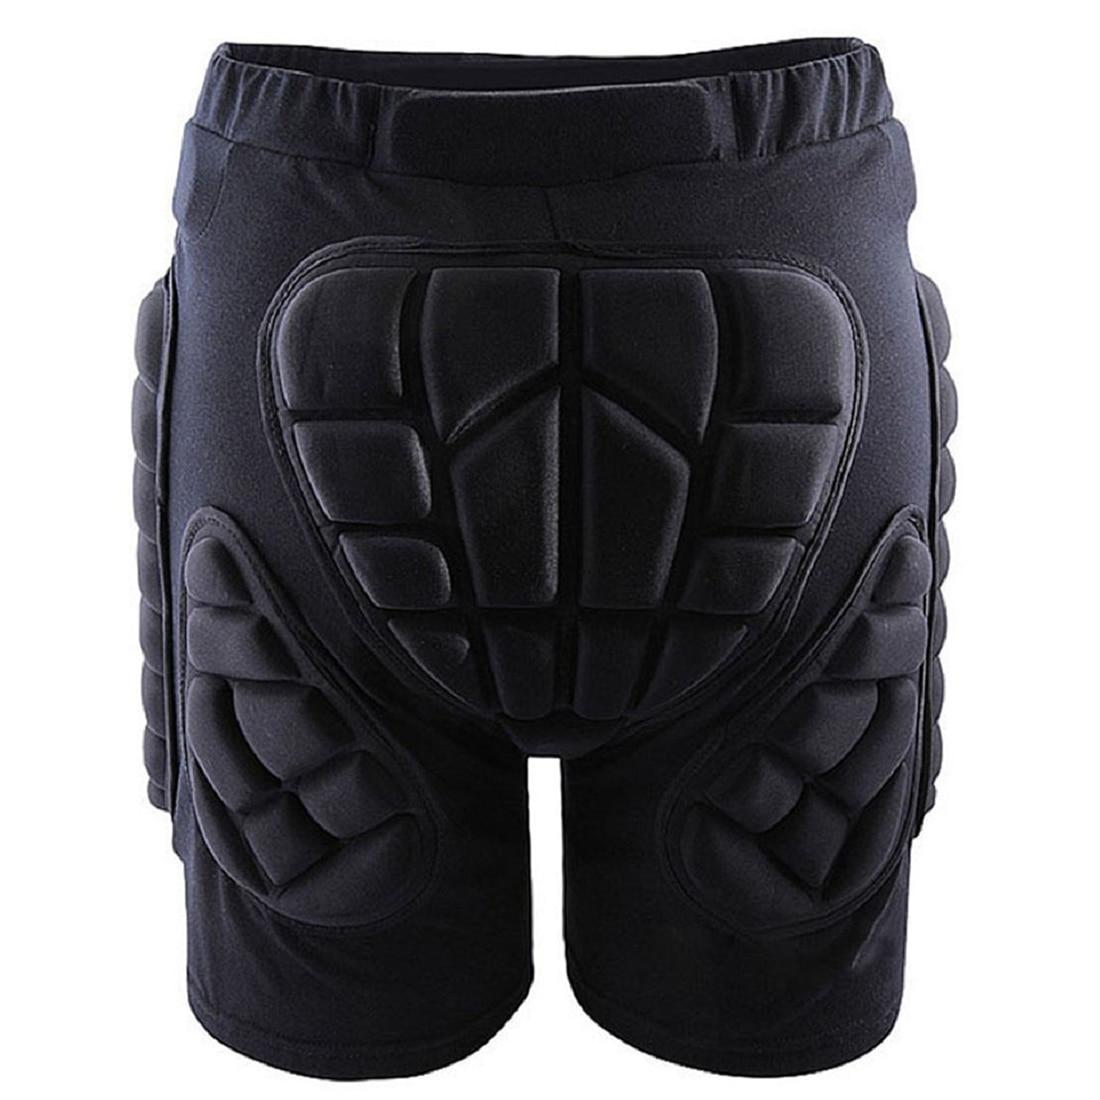 Outdoor Gear Hip Protective Shorts Skate Skating Snowboard Pants, Black L ...